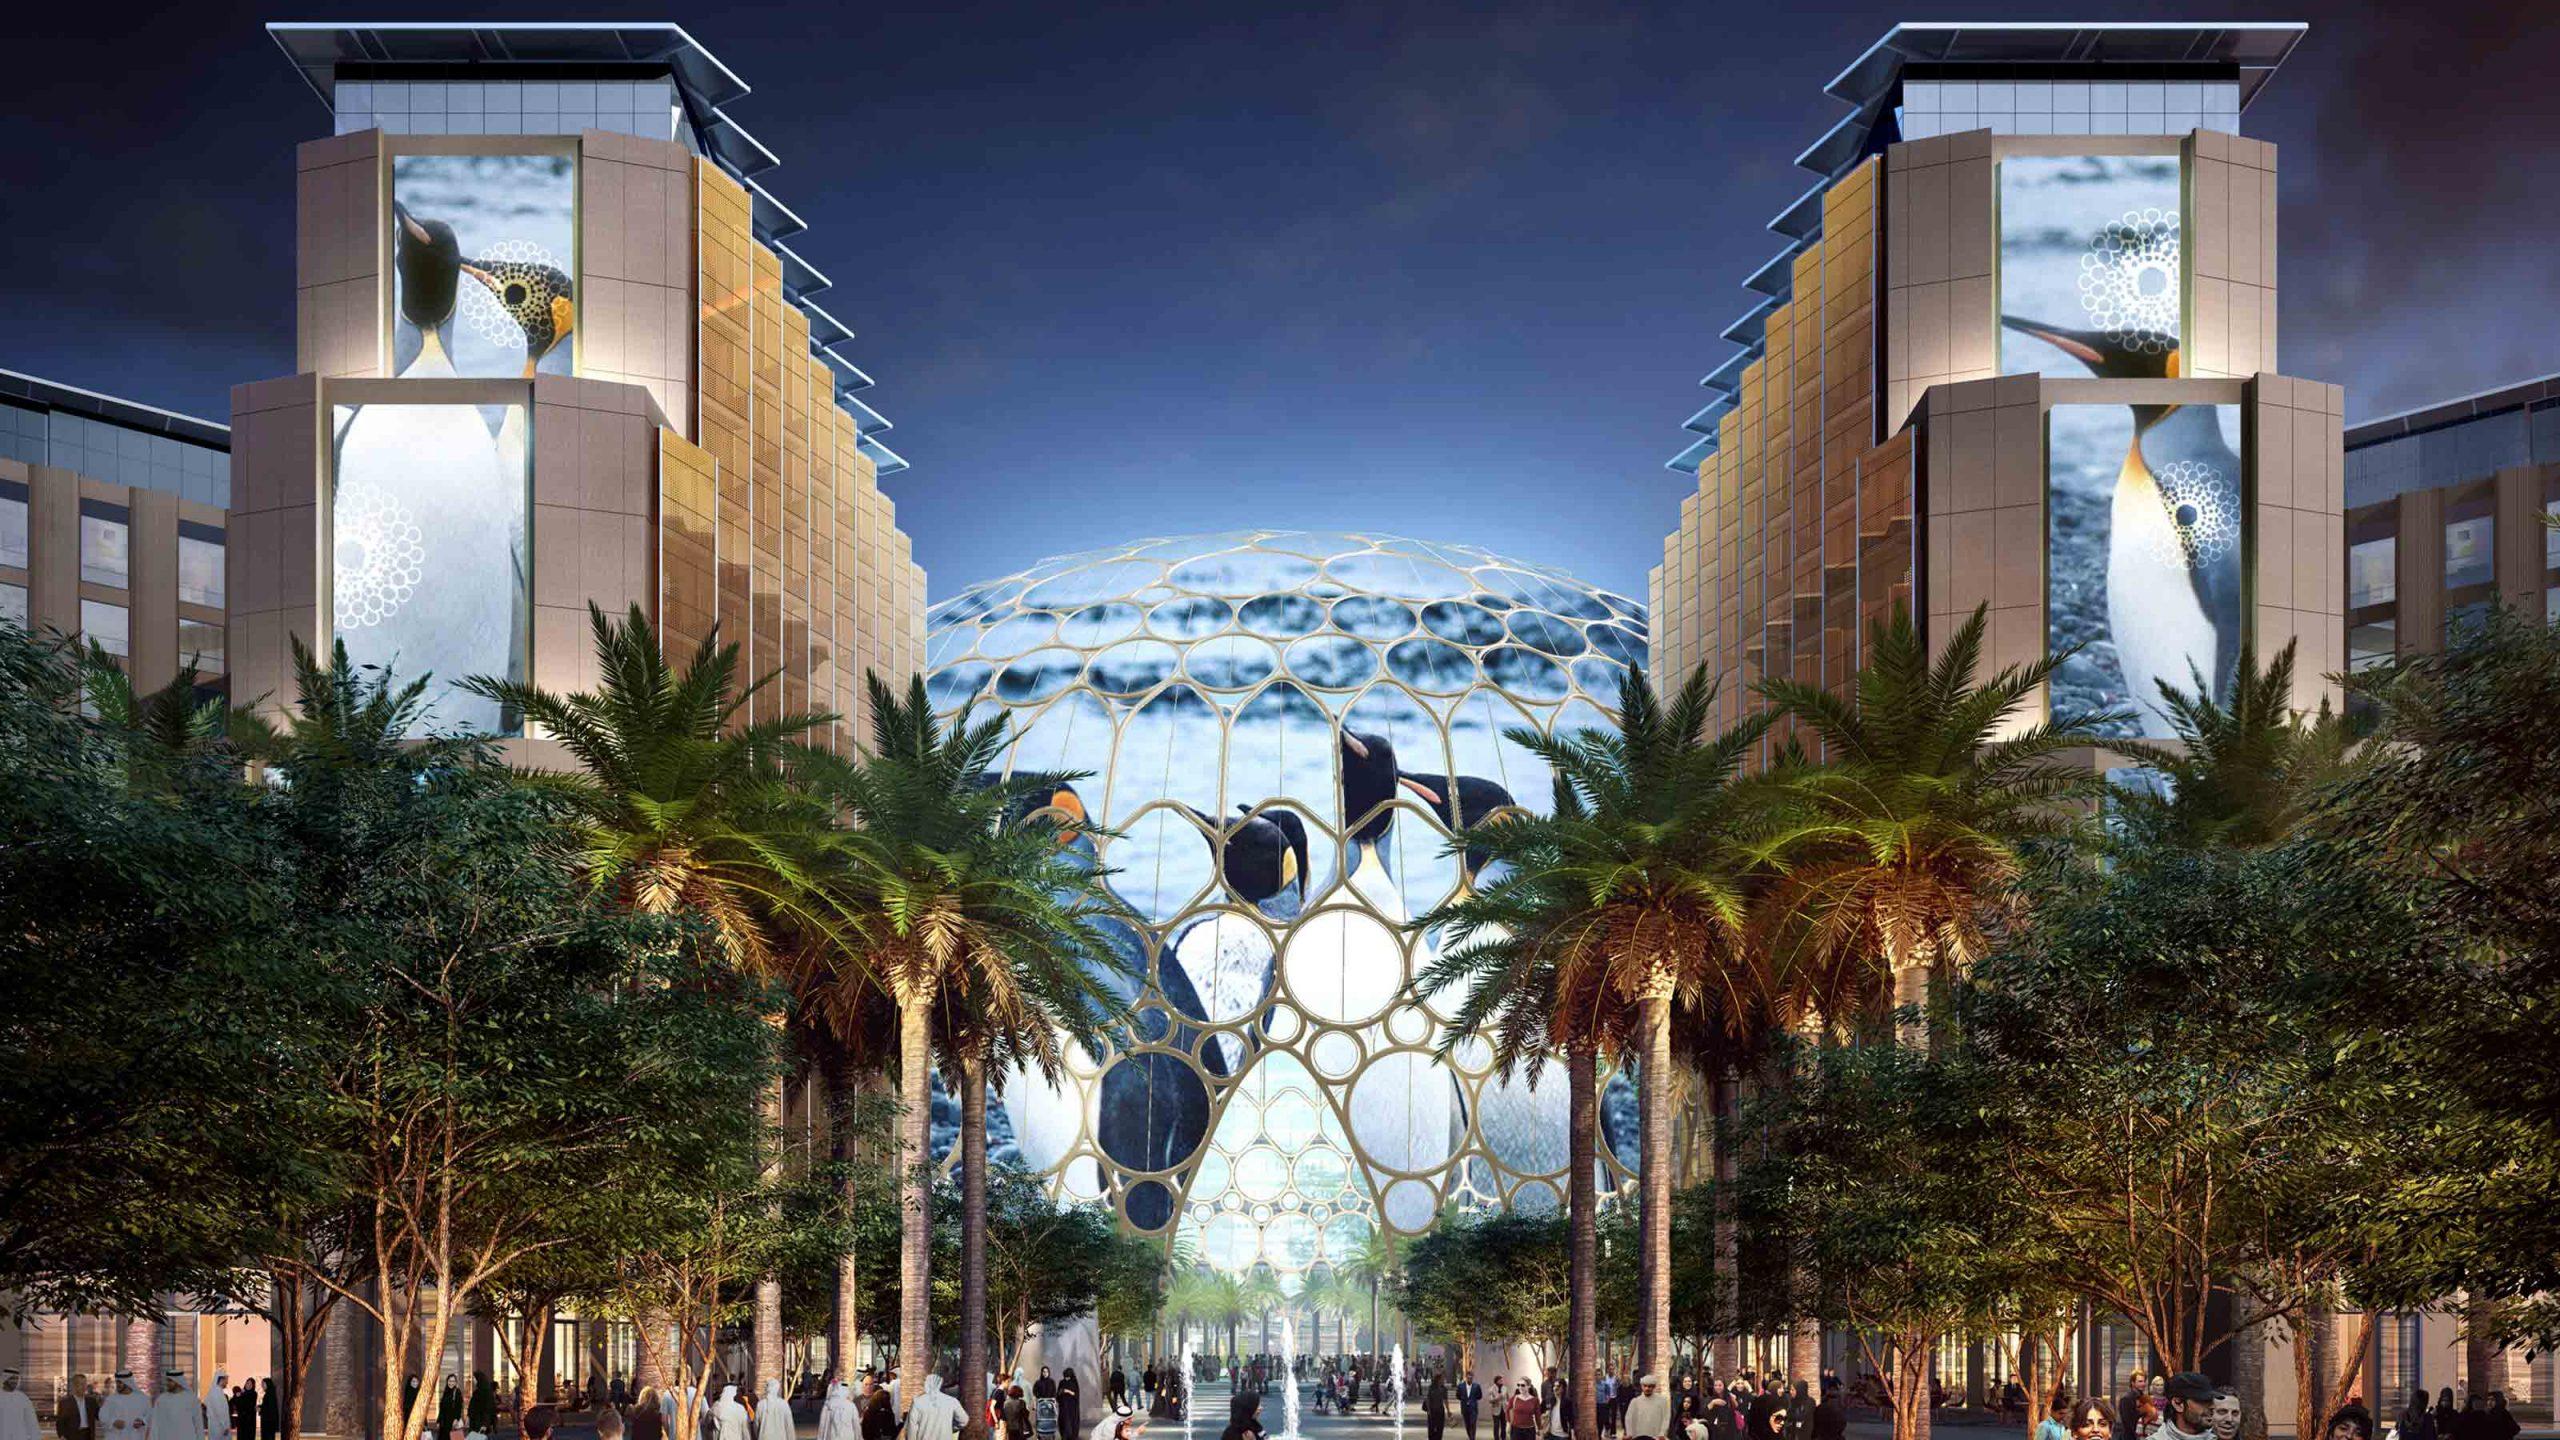 Expo 2020: saiba o que deve rolar no megaevento de Dubai 2021-2022